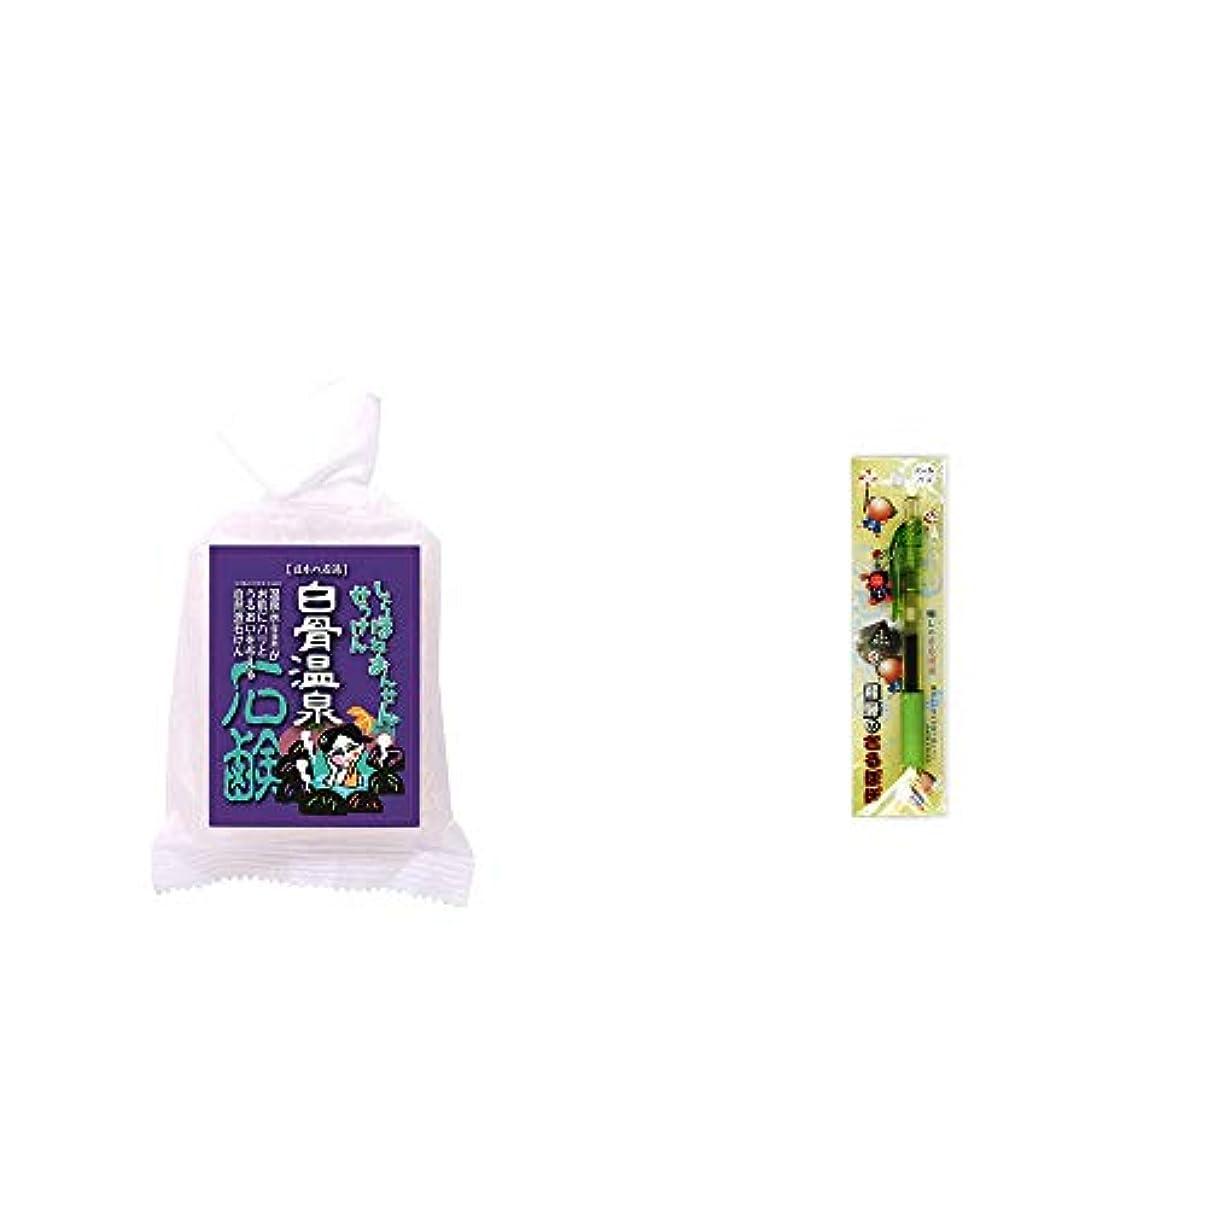 安定優雅優雅[2点セット] 信州 白骨温泉石鹸(80g)?さるぼぼ 癒しボールペン 【グリーン】